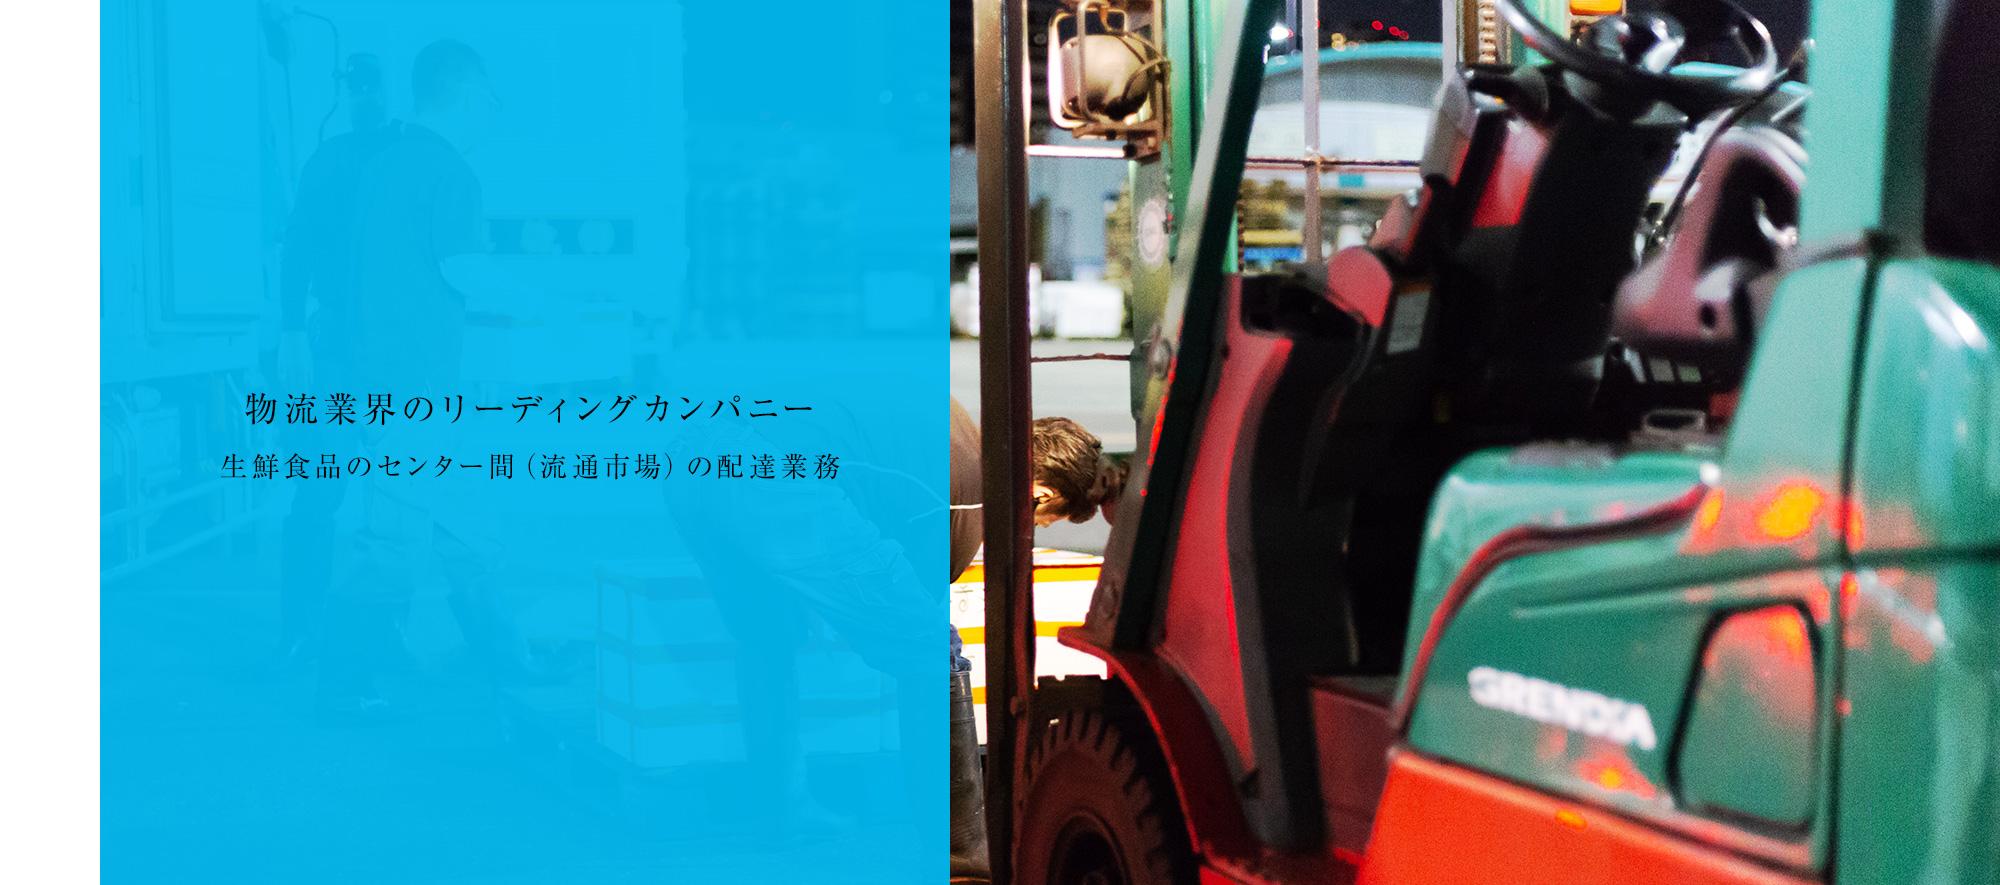 物流業界のリーディングカンパニー 生鮮食品のセンター間(流通市場)の配達業務